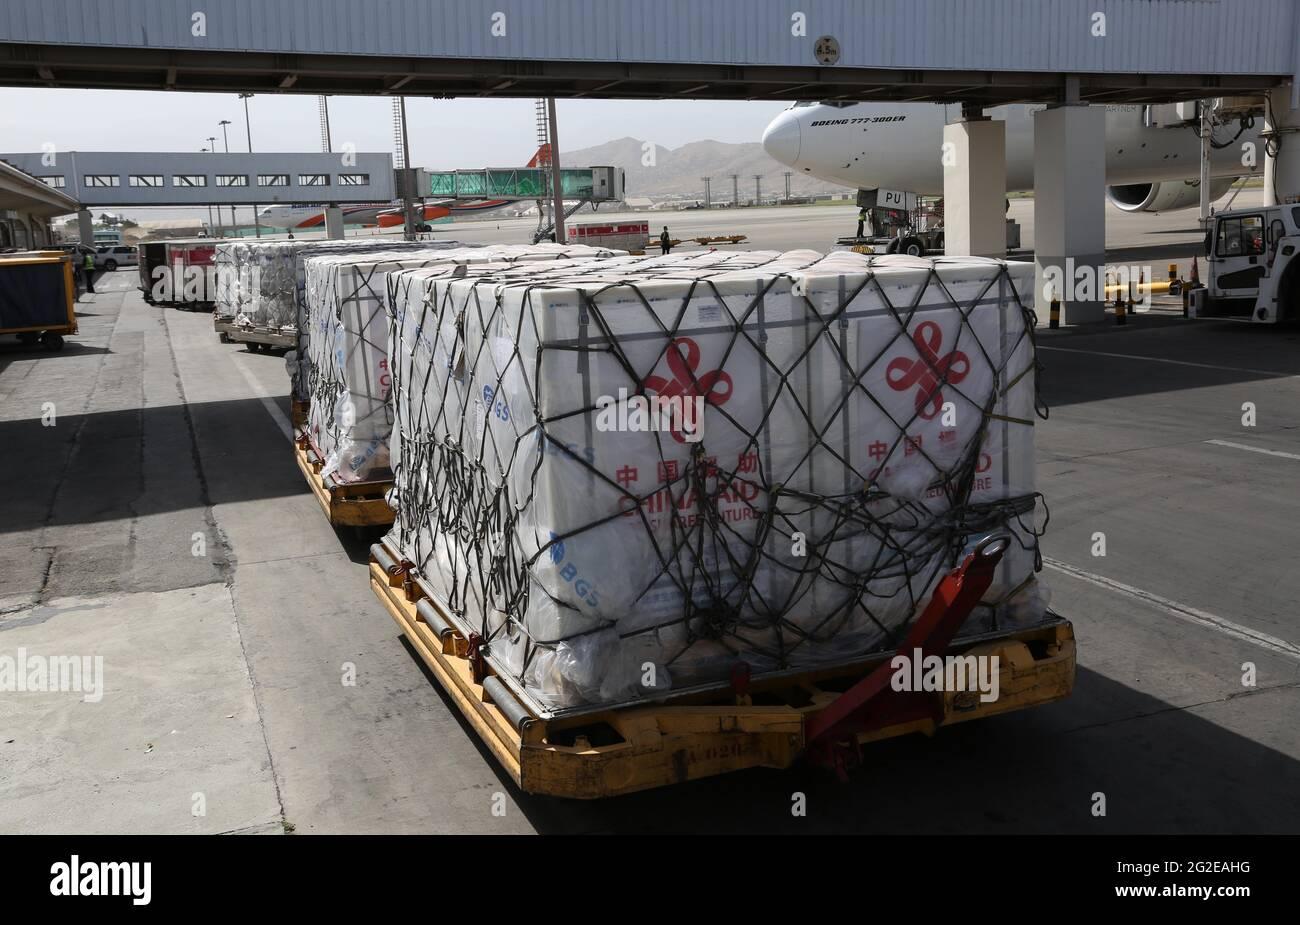 Kaboul, Afghanistan. 10 juin 2021. Photo prise le 10 juin 2021 montre des paquets de vaccins chinois COVID-19 arrivant à l'aéroport international Hamid Kazia à Kaboul, capitale de l'Afghanistan. Un lot de vaccins COVID-19 donnés par le gouvernement chinois est arrivé jeudi à Kaboul, la capitale de l'Afghanistan. Credit: Rahmatullah Alizadah/Xinhua/Alamy Live News Banque D'Images